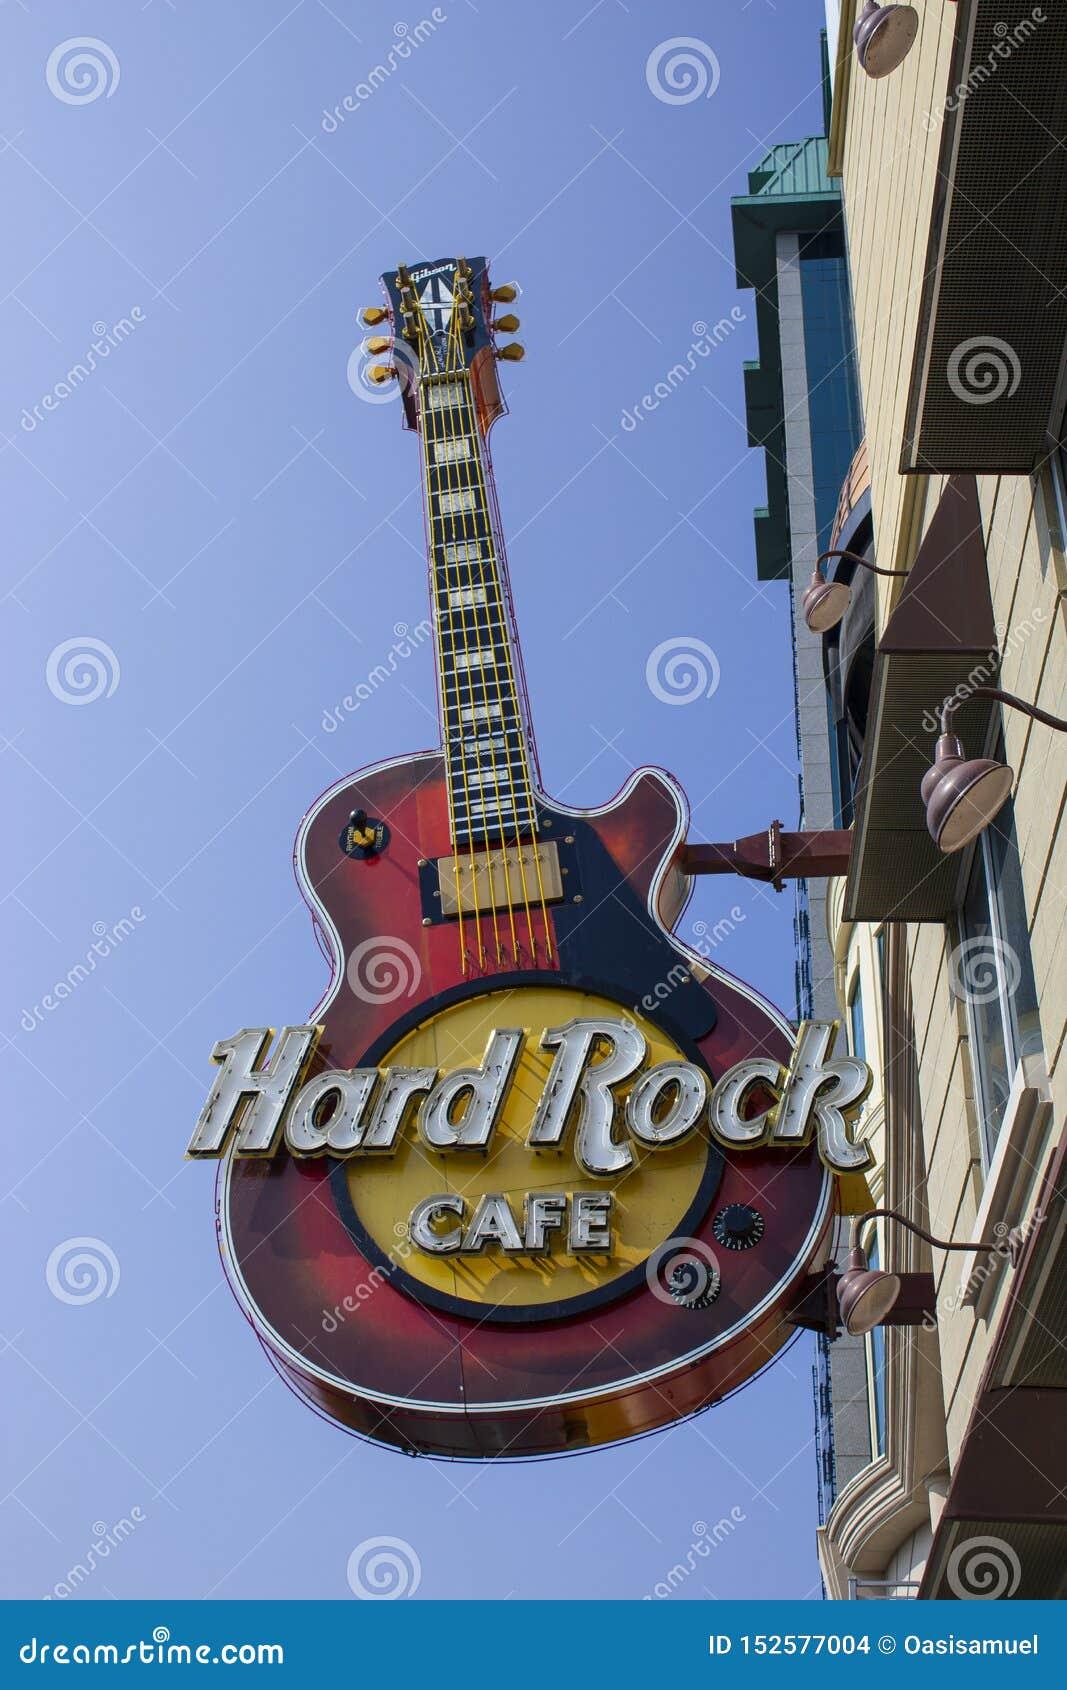 Ontario, Toronto, Canadá En junio de 2010, cierre de Hard Rock Cafe para arriba de la muestra